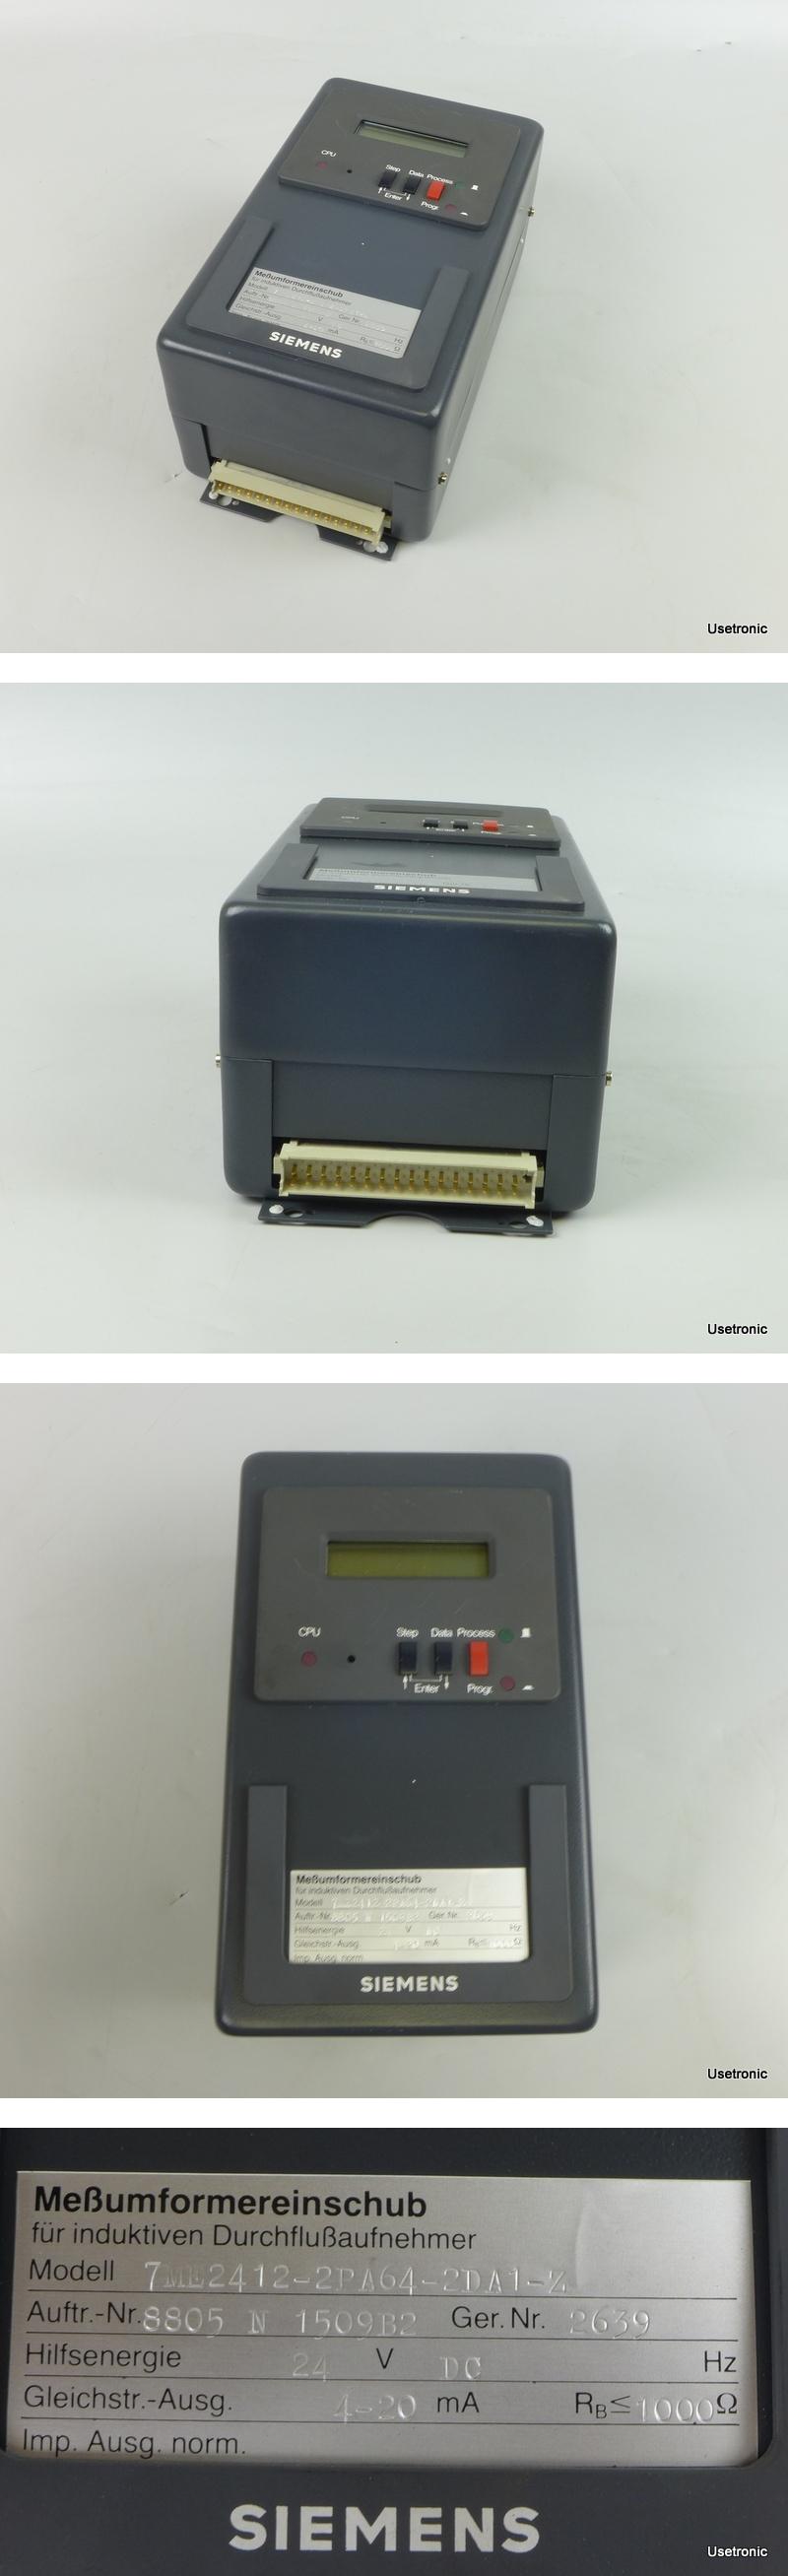 Siemens 7ME2412-2PA64-2DA1-Z